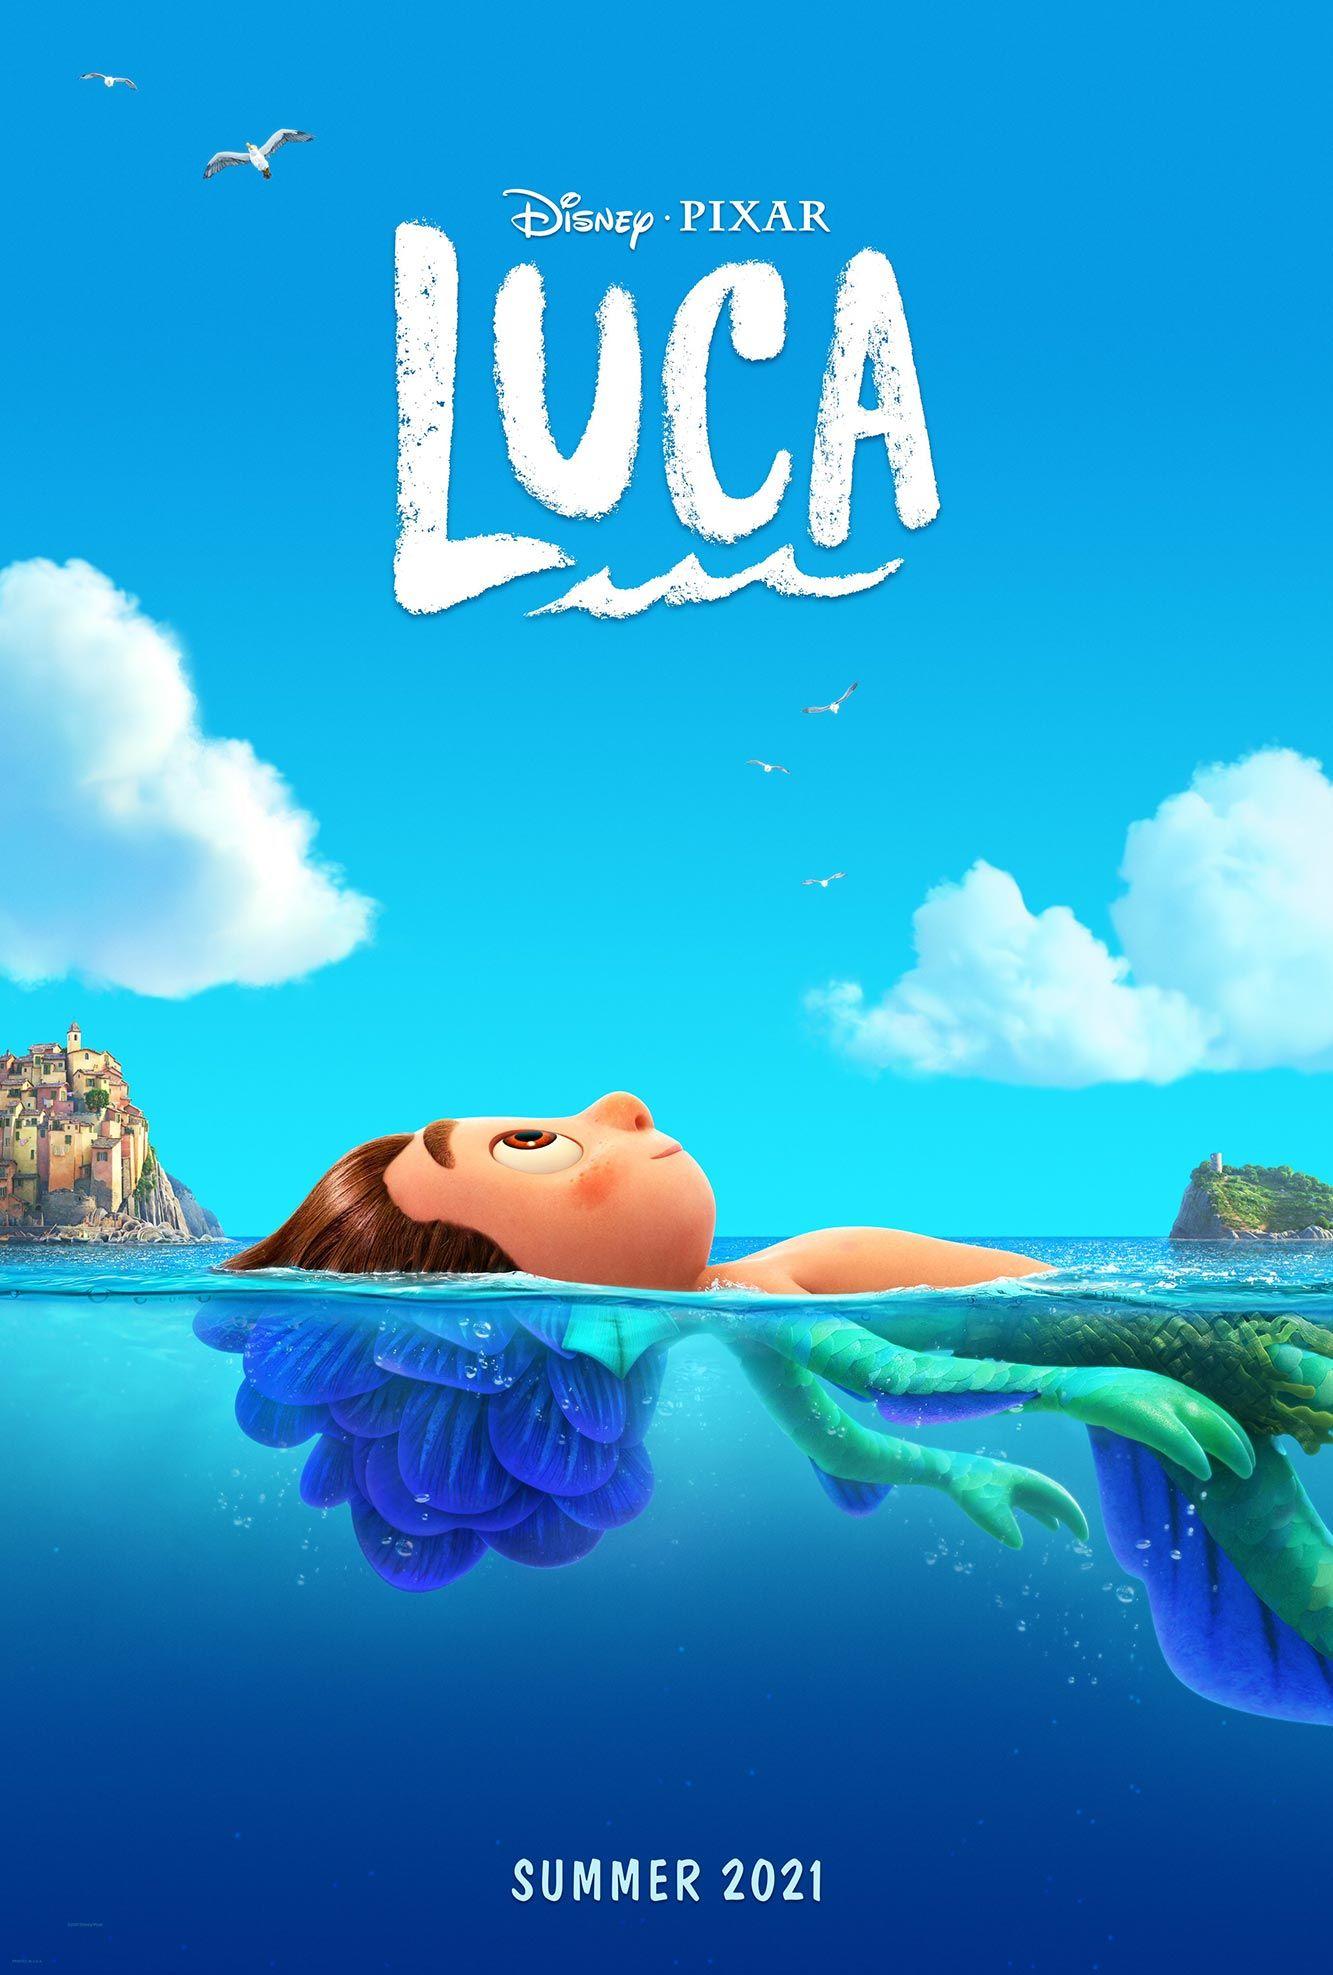 Film terbaru Disney dan Pixar Luca.